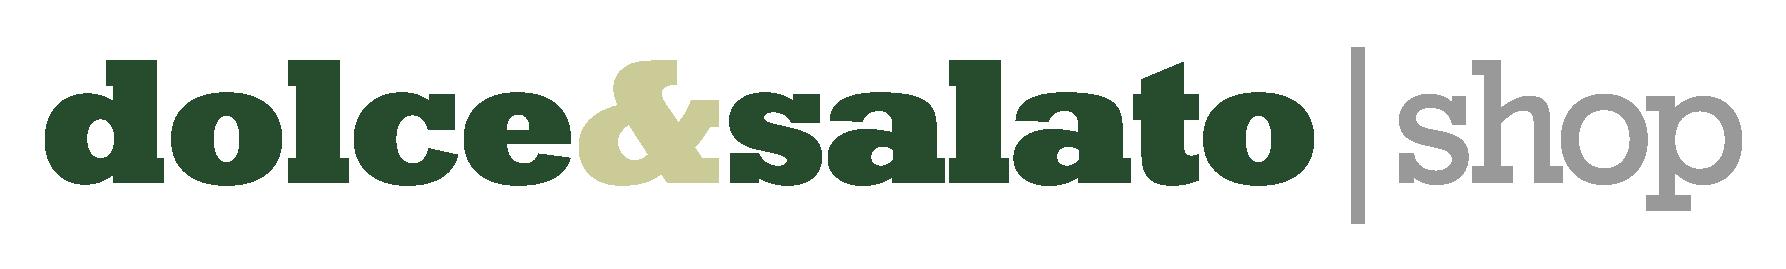 logo shop3-01